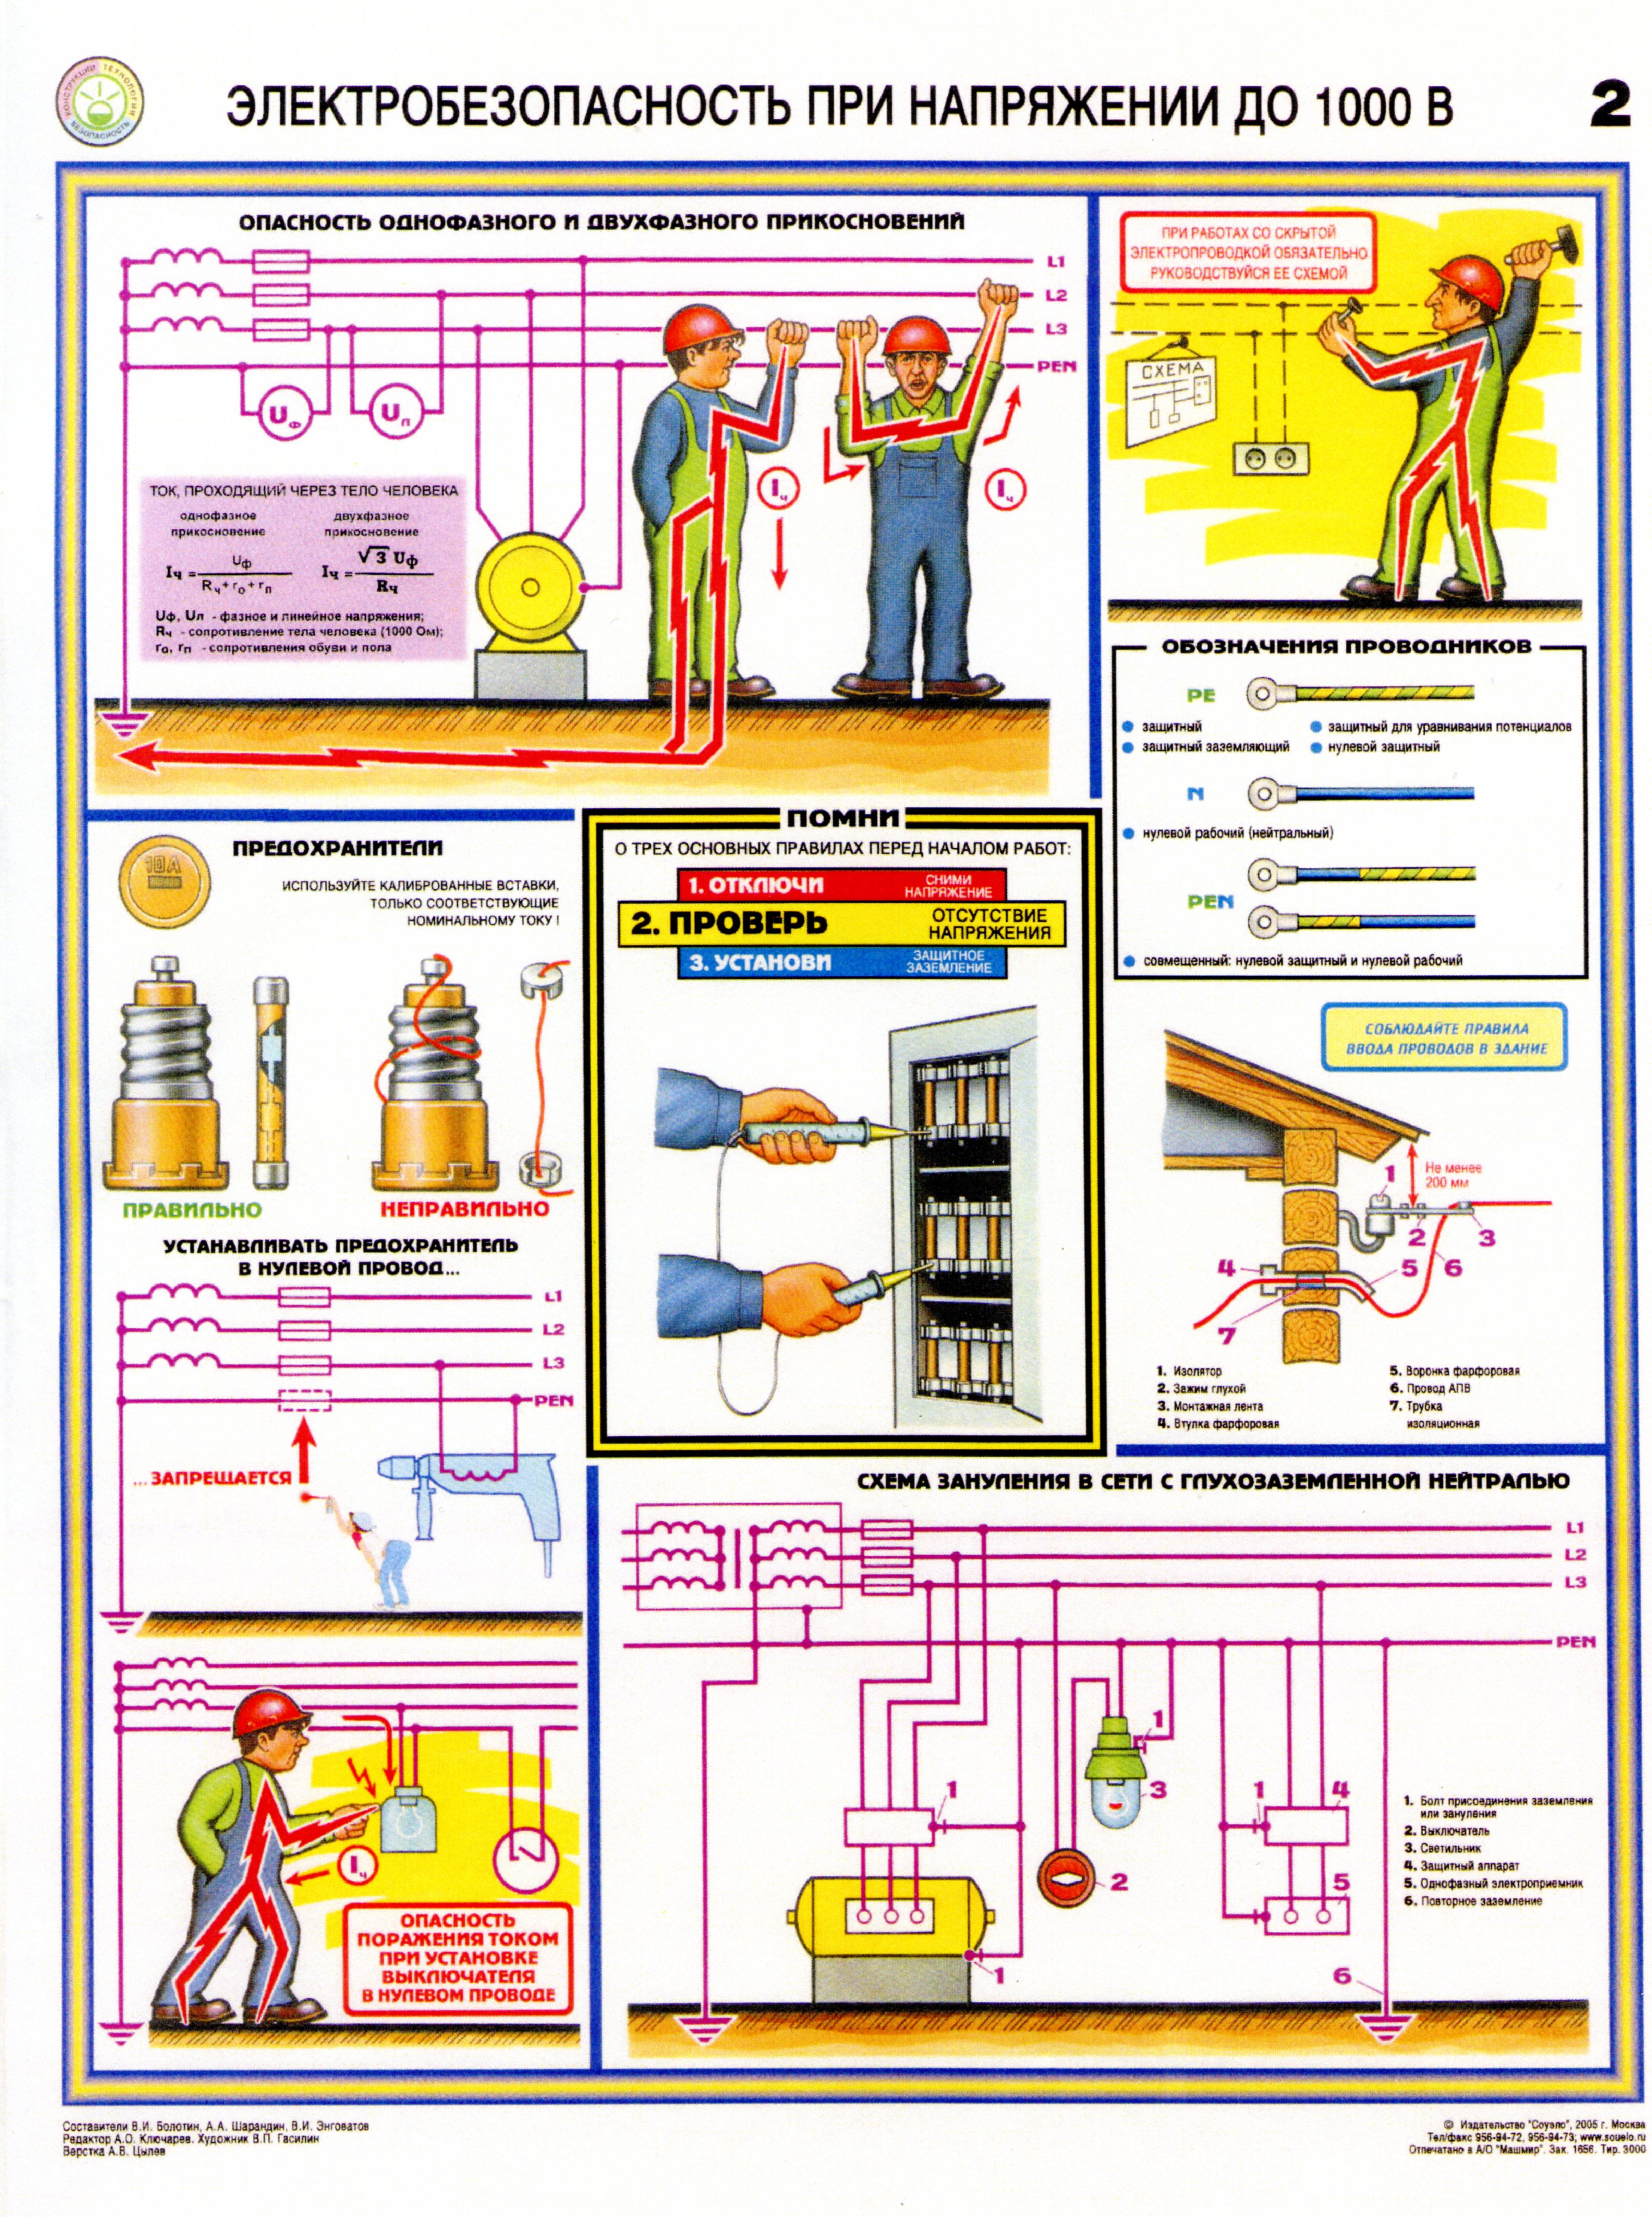 Задачи диагностических работ при эксплуатации электрооборудования